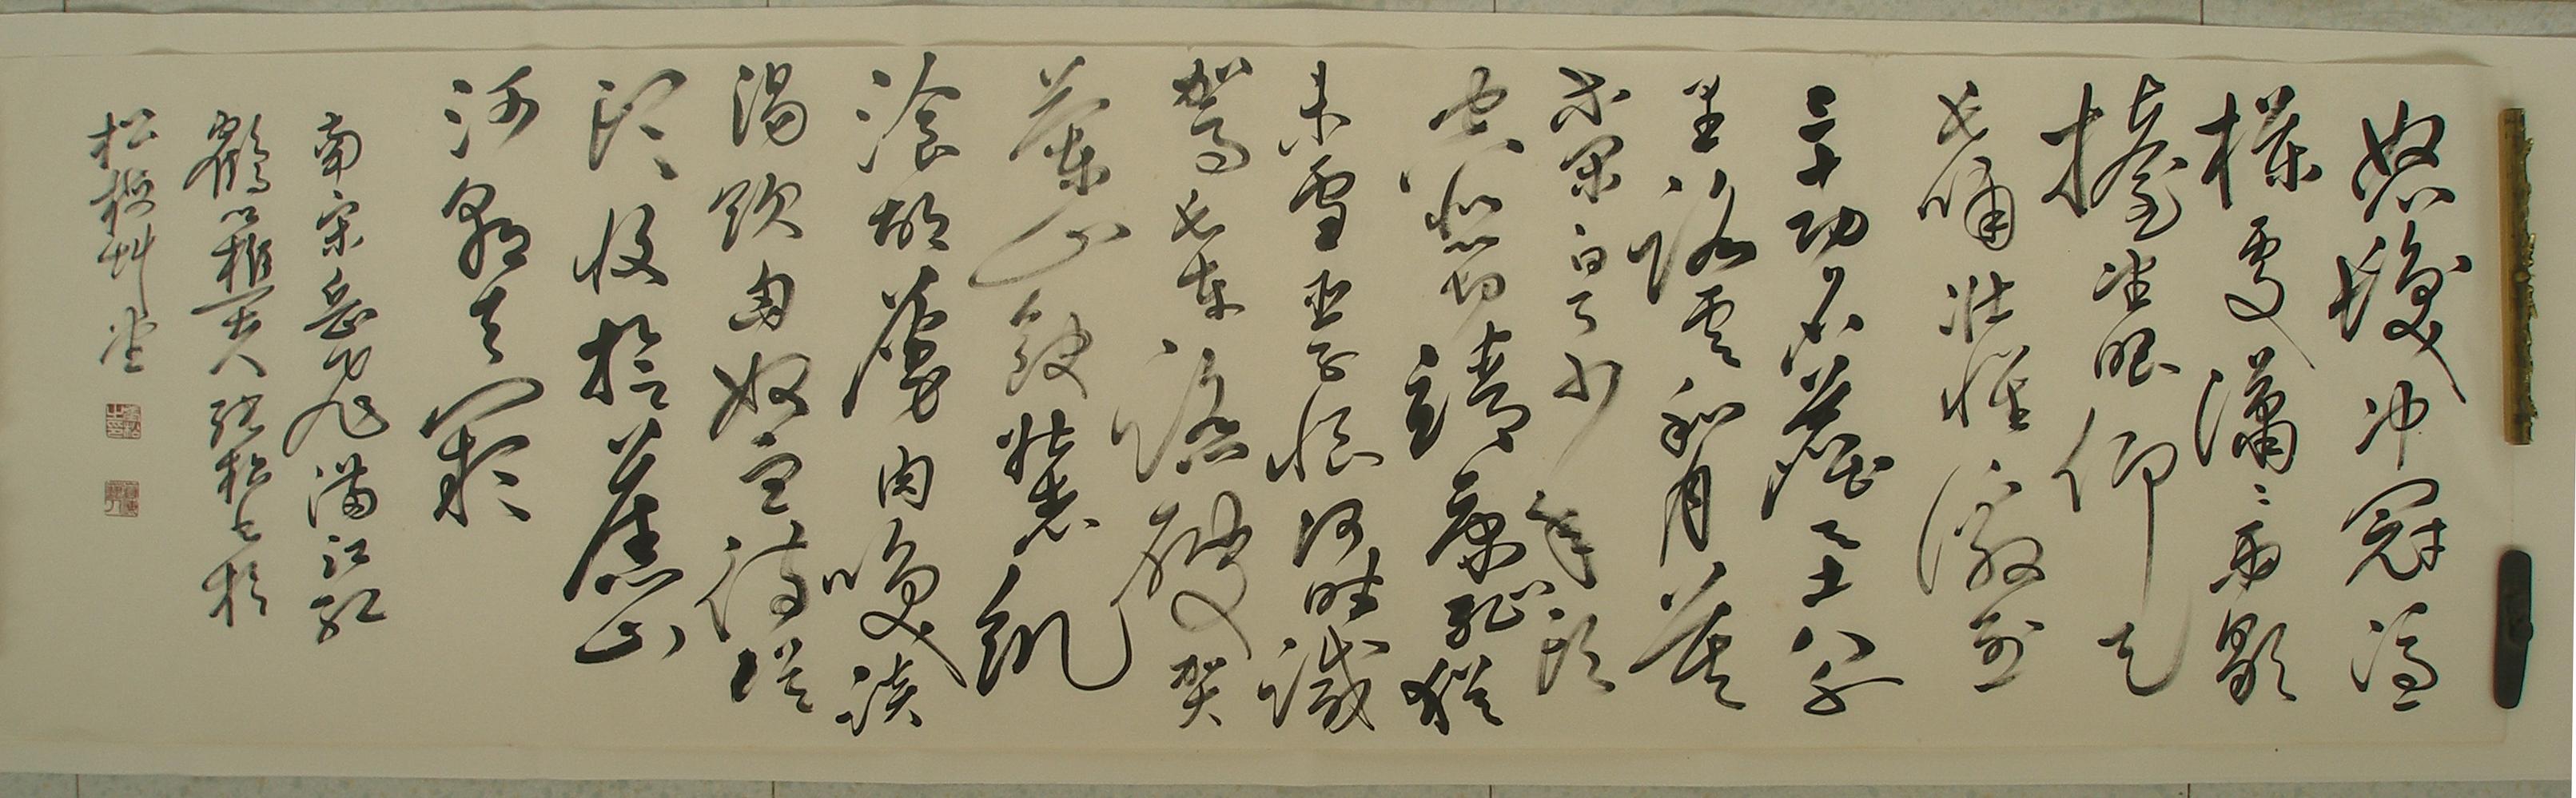 满江红书法作品欣赏 岳飞满江红书法 满江红钢笔书法作品